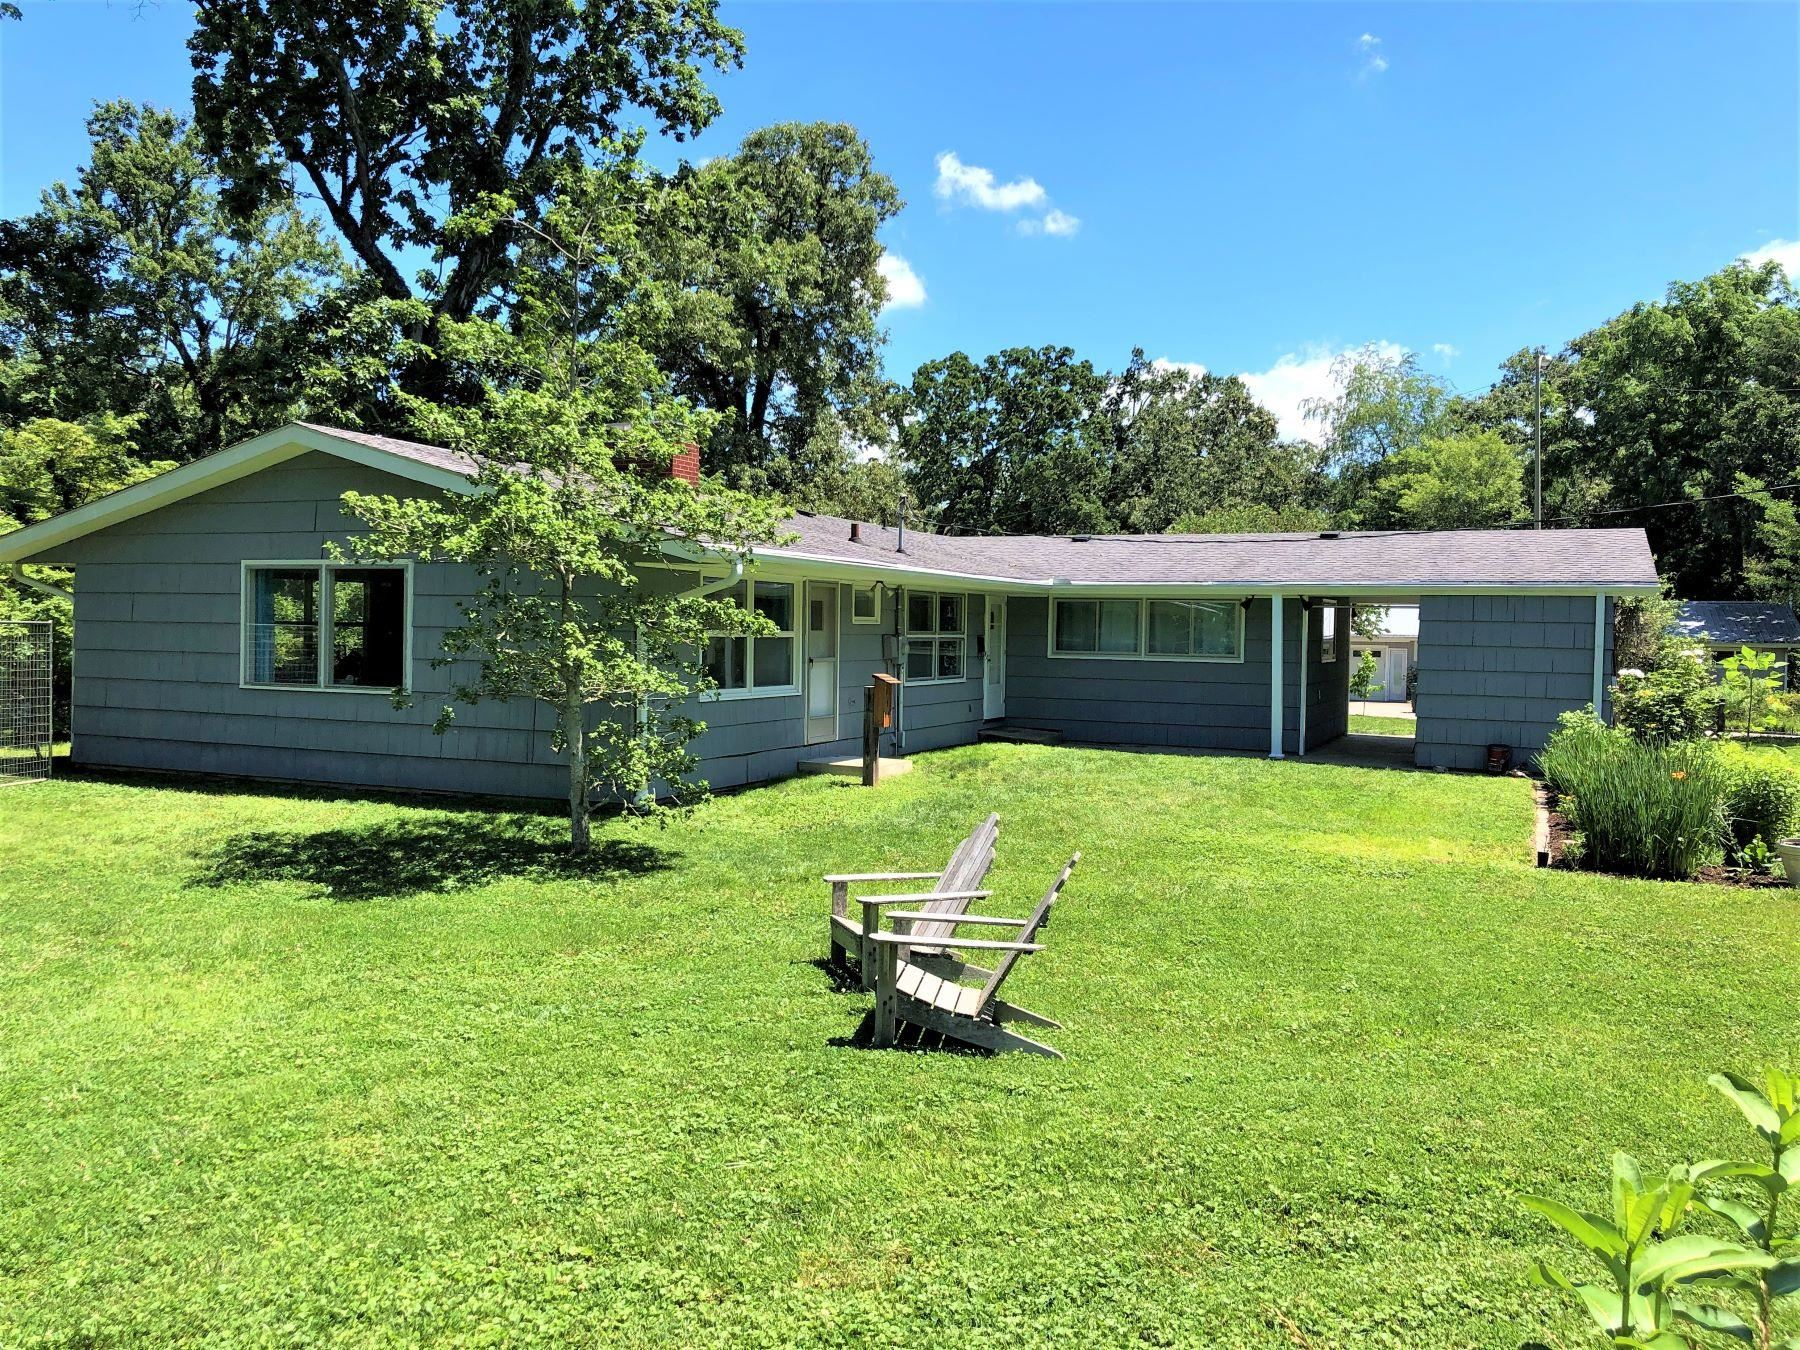 105 Van Winkle Grove, Berea, KY 40403 - MLS#: 20113136